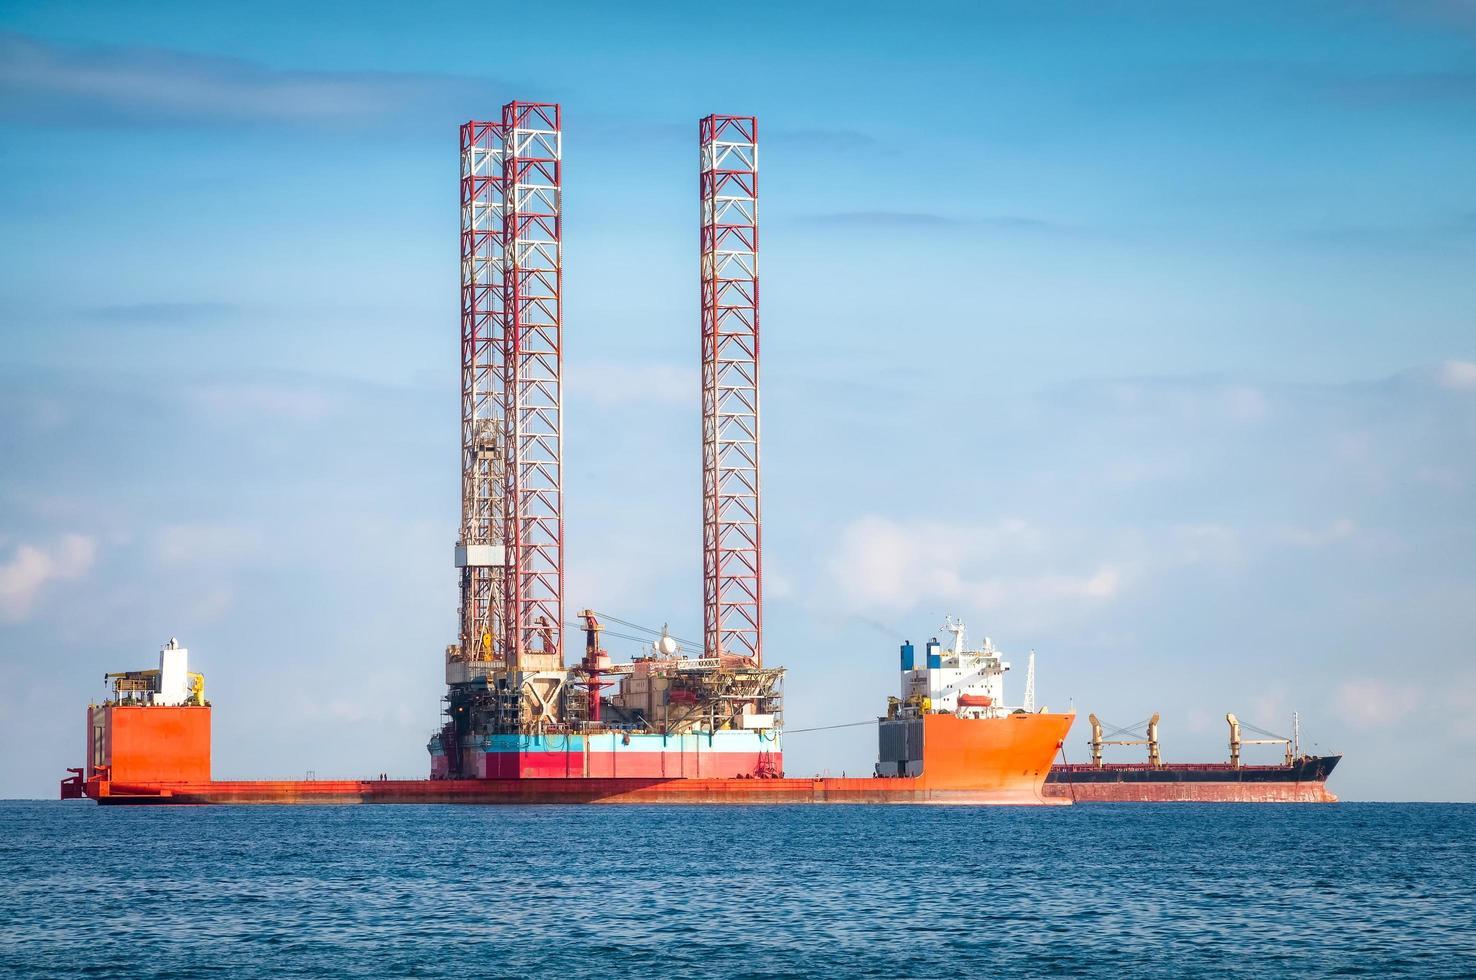 buque para plataforma petrolífera semisumergible foto